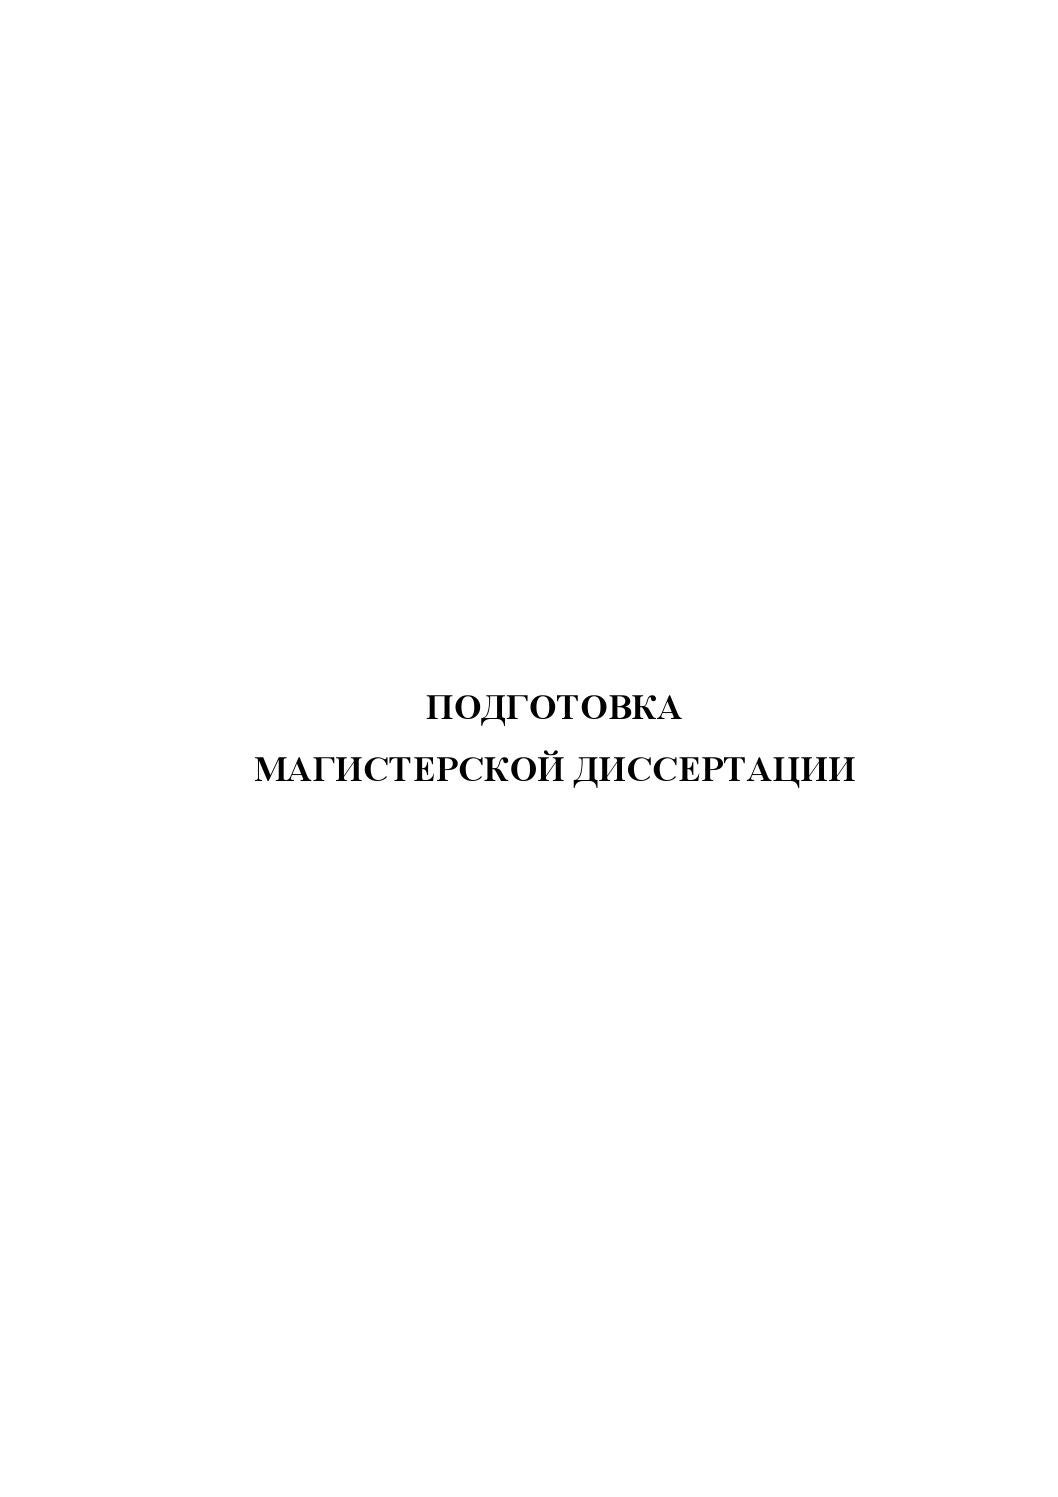 Магистерская диссертация психология личности первый вариант без  Магистерская диссертация психология личности первый вариант без приложений by vyatggu issuu